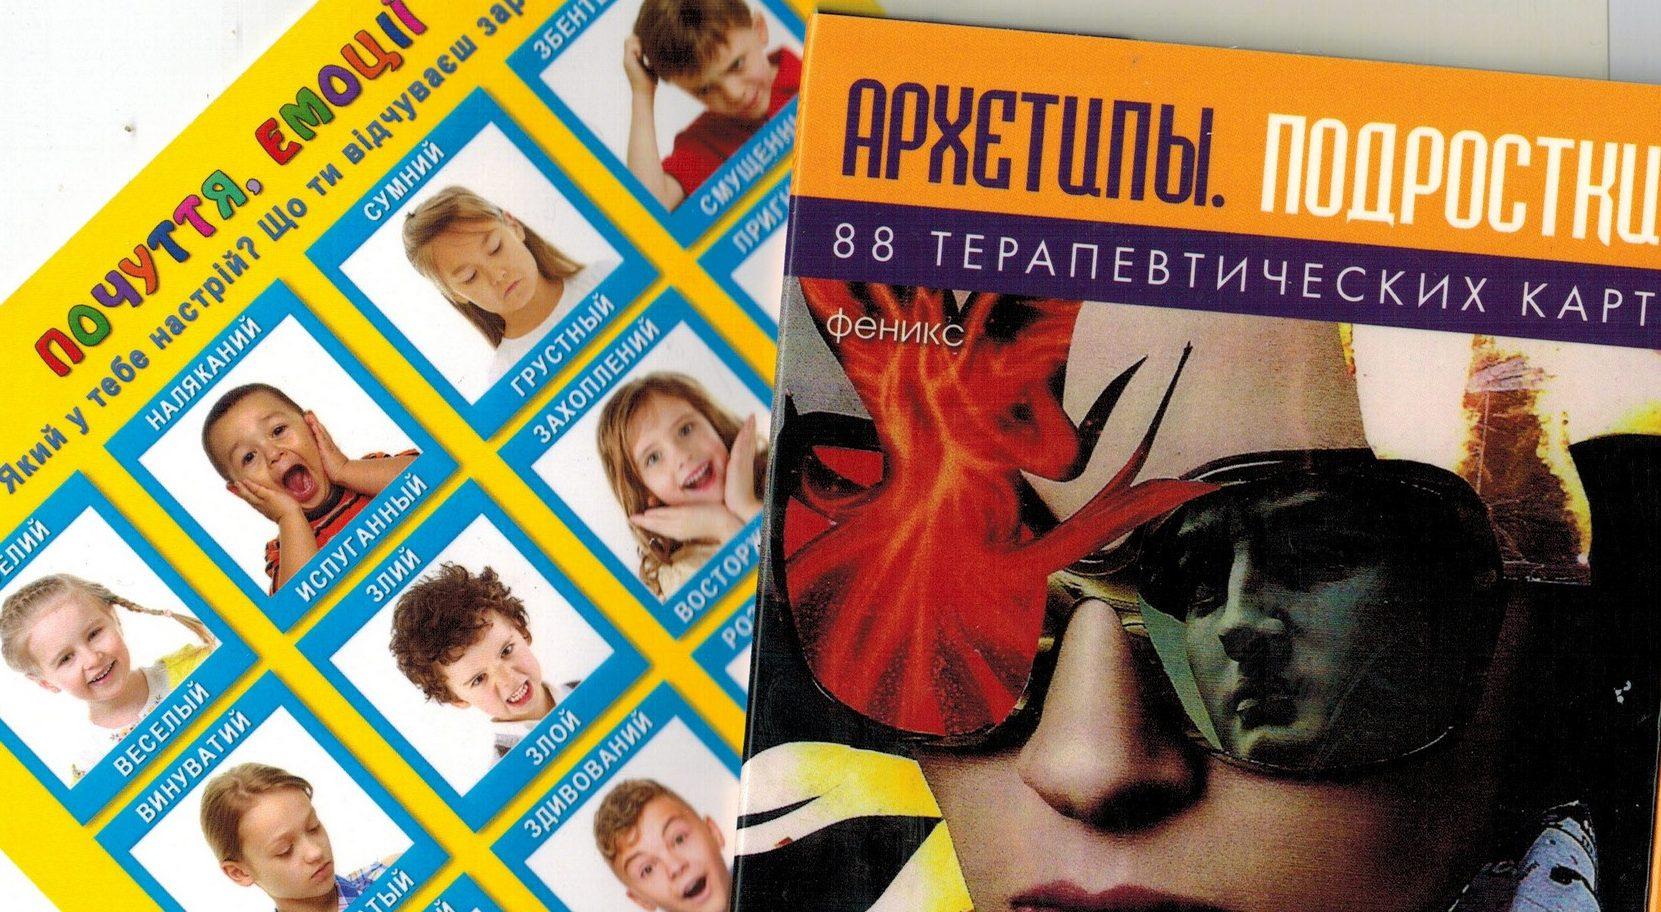 DyvoGra - українська компанія, що створює продукцію для розвитку дітей та психотерапії - Ми пропонуємо книжки, ігри та іграшки для психотерапії, інклюзивного навчання та розвитку дітей з особливими потребами